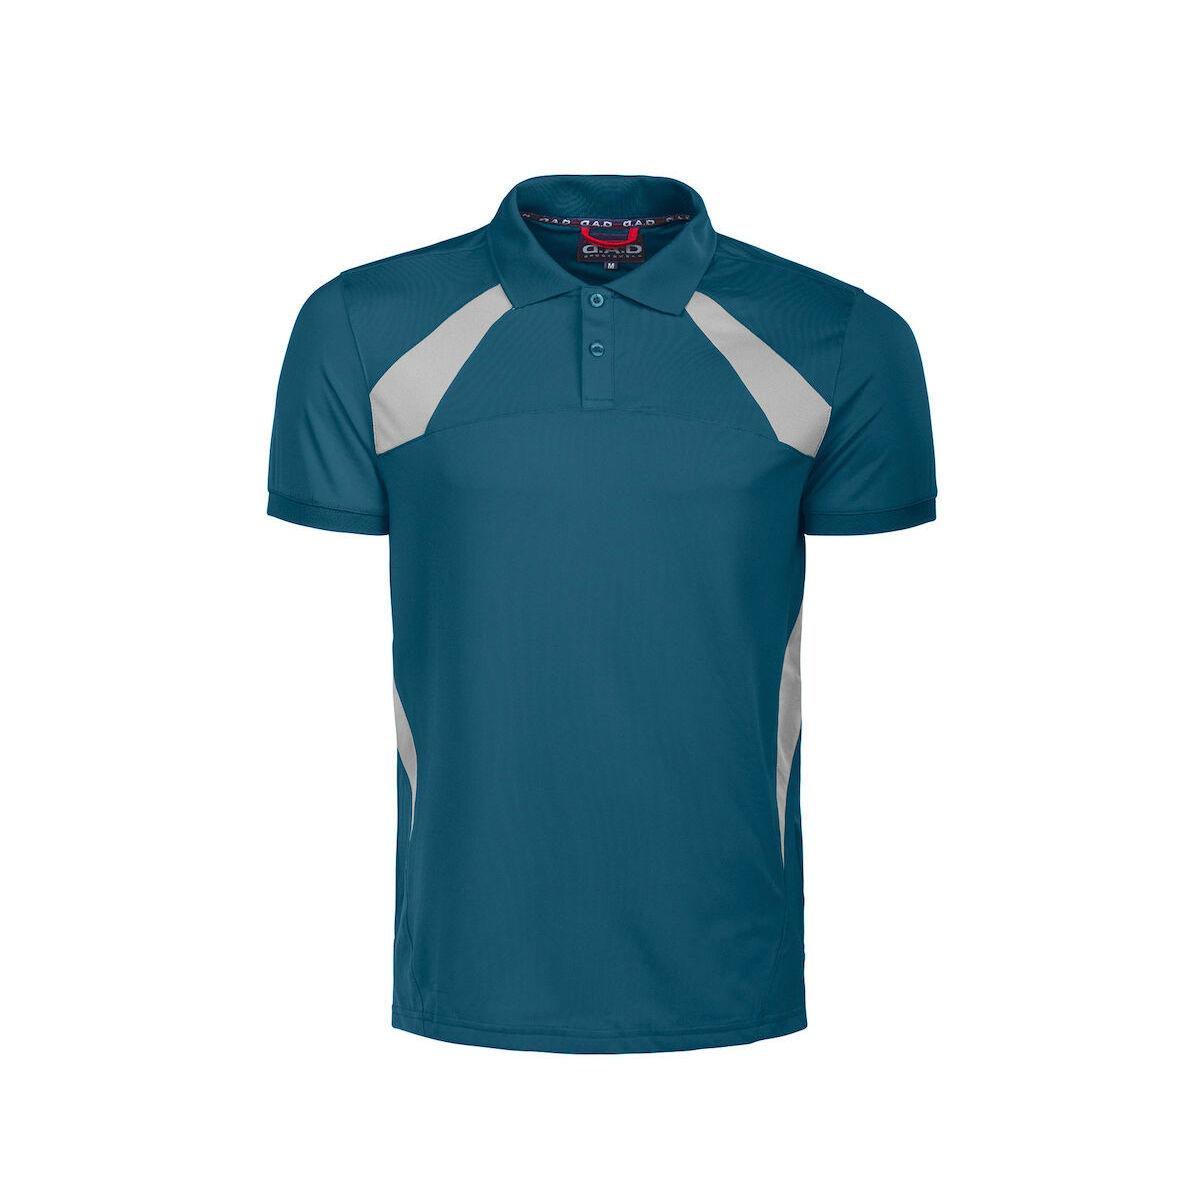 DAD Pique Polo Shirt